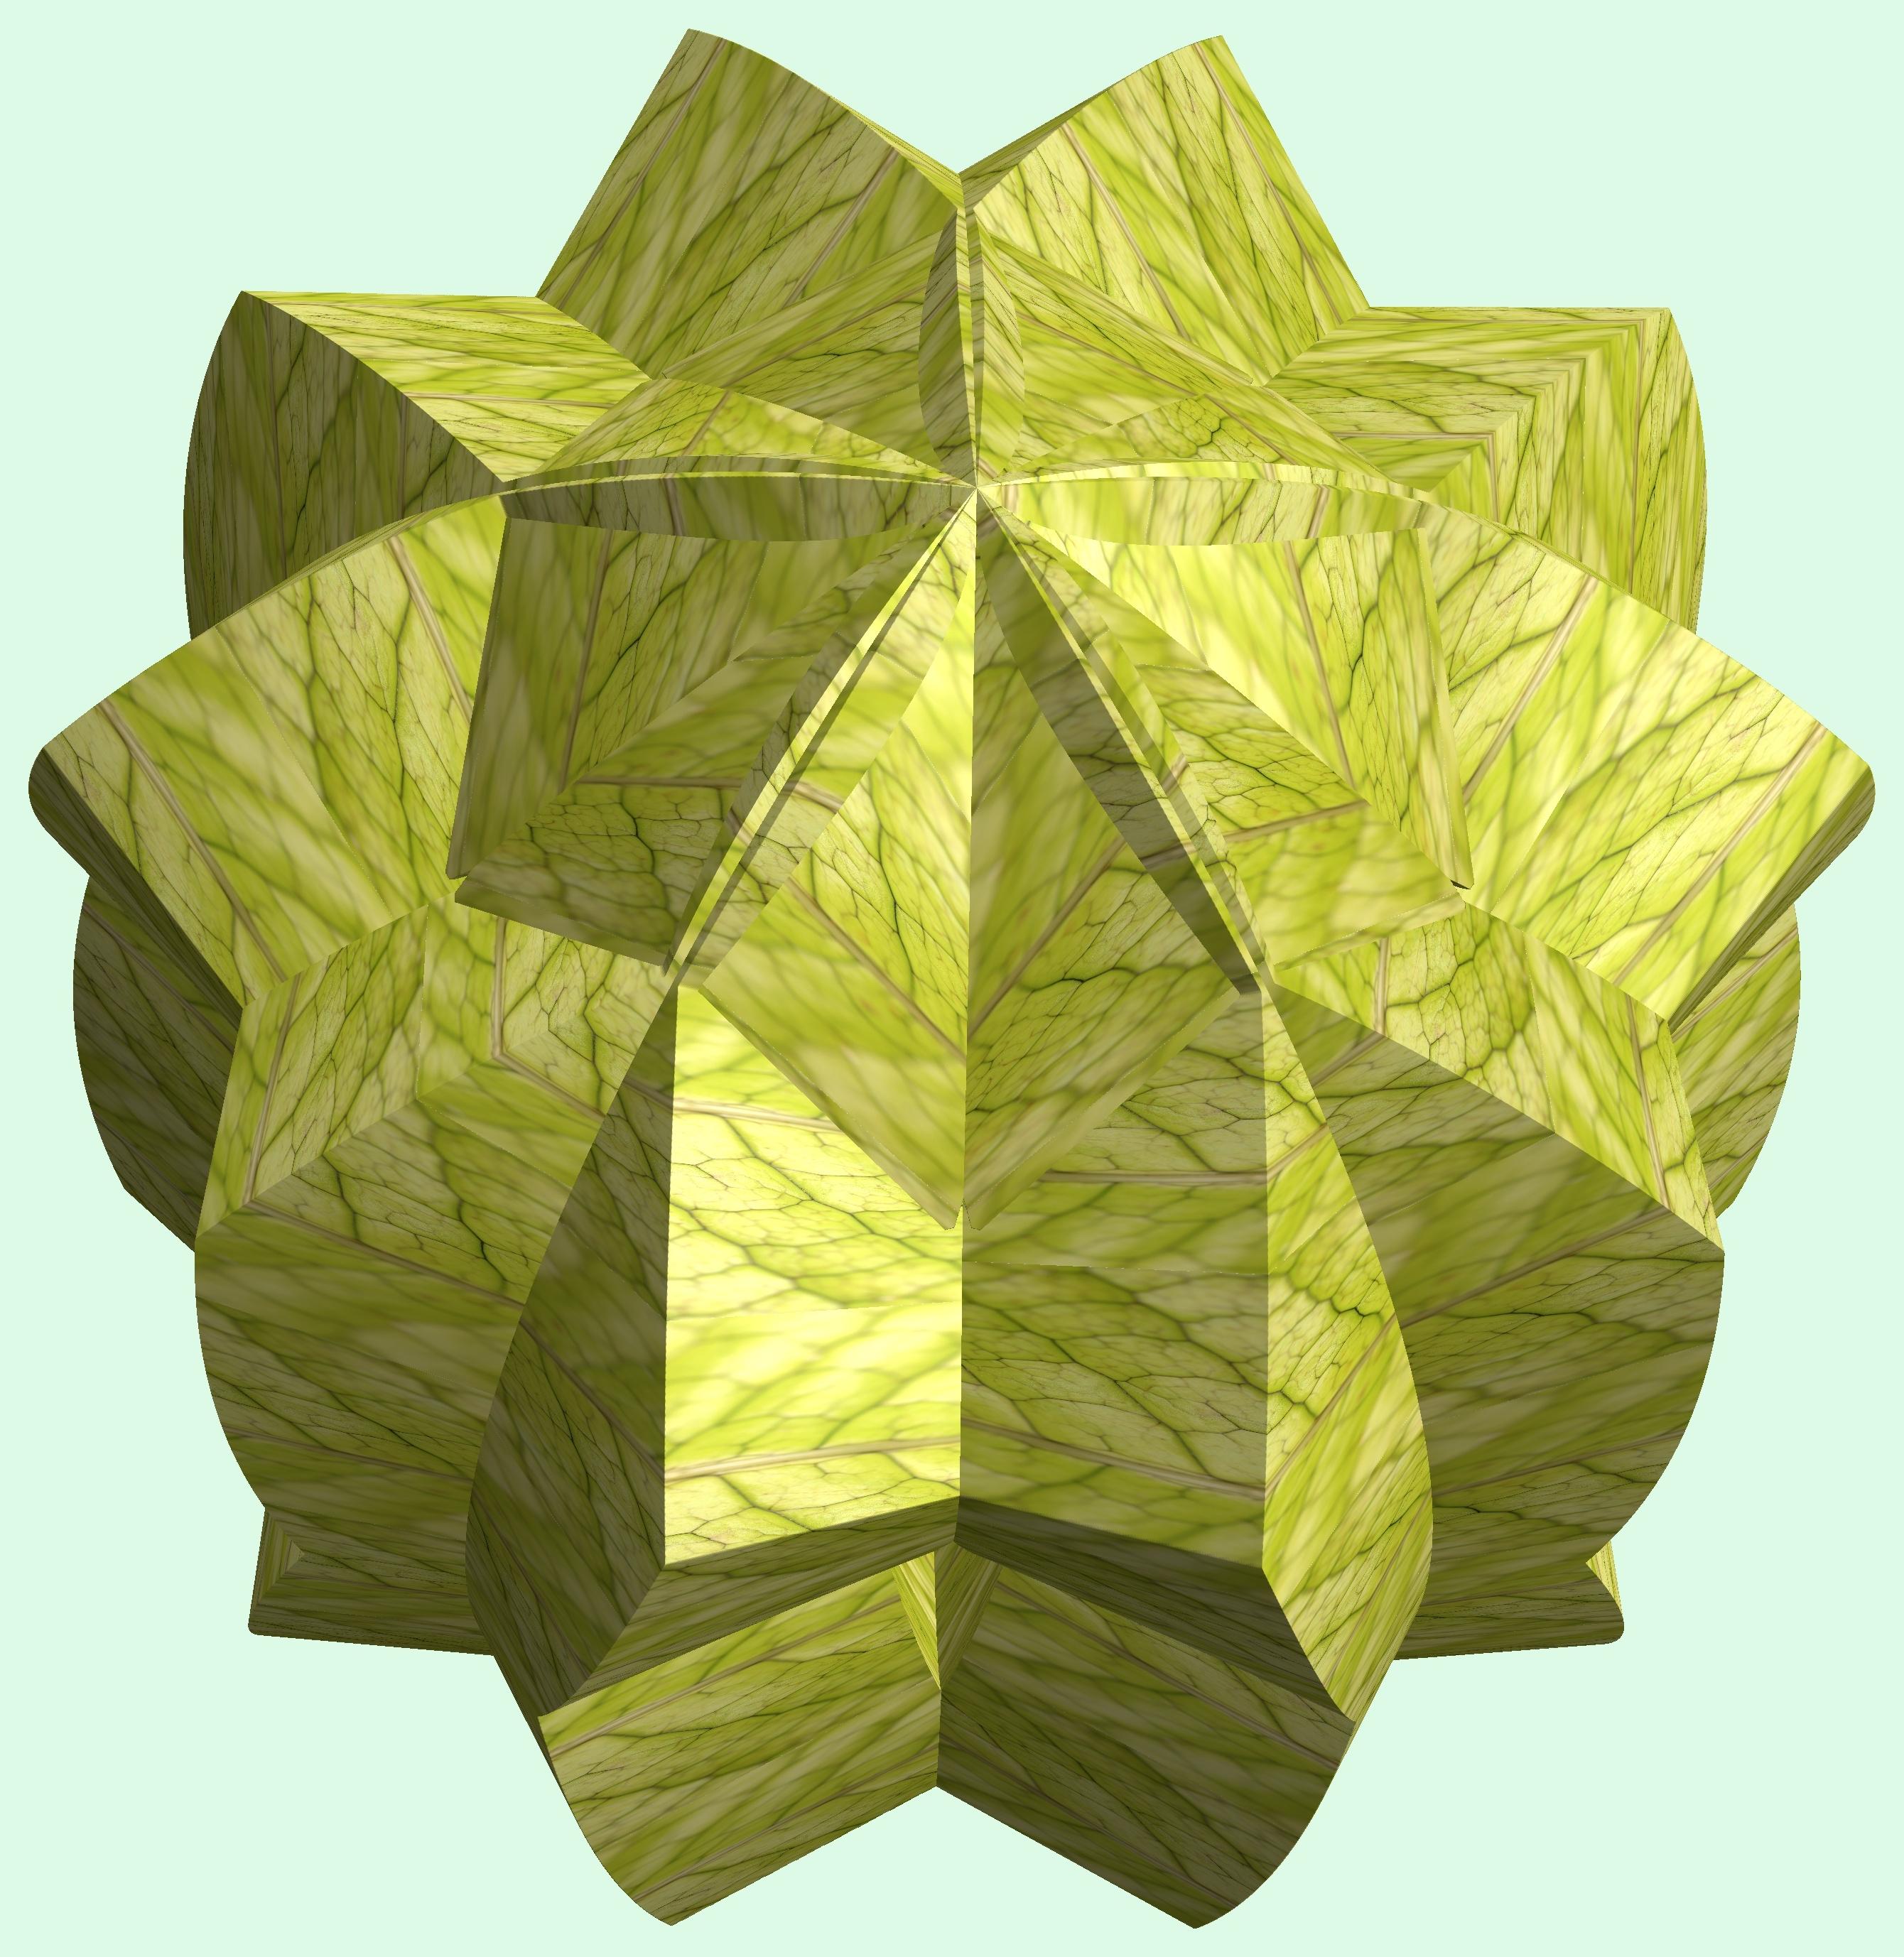 Fotos gratis : árbol, estructura, textura, hoja, flor, patrón ...